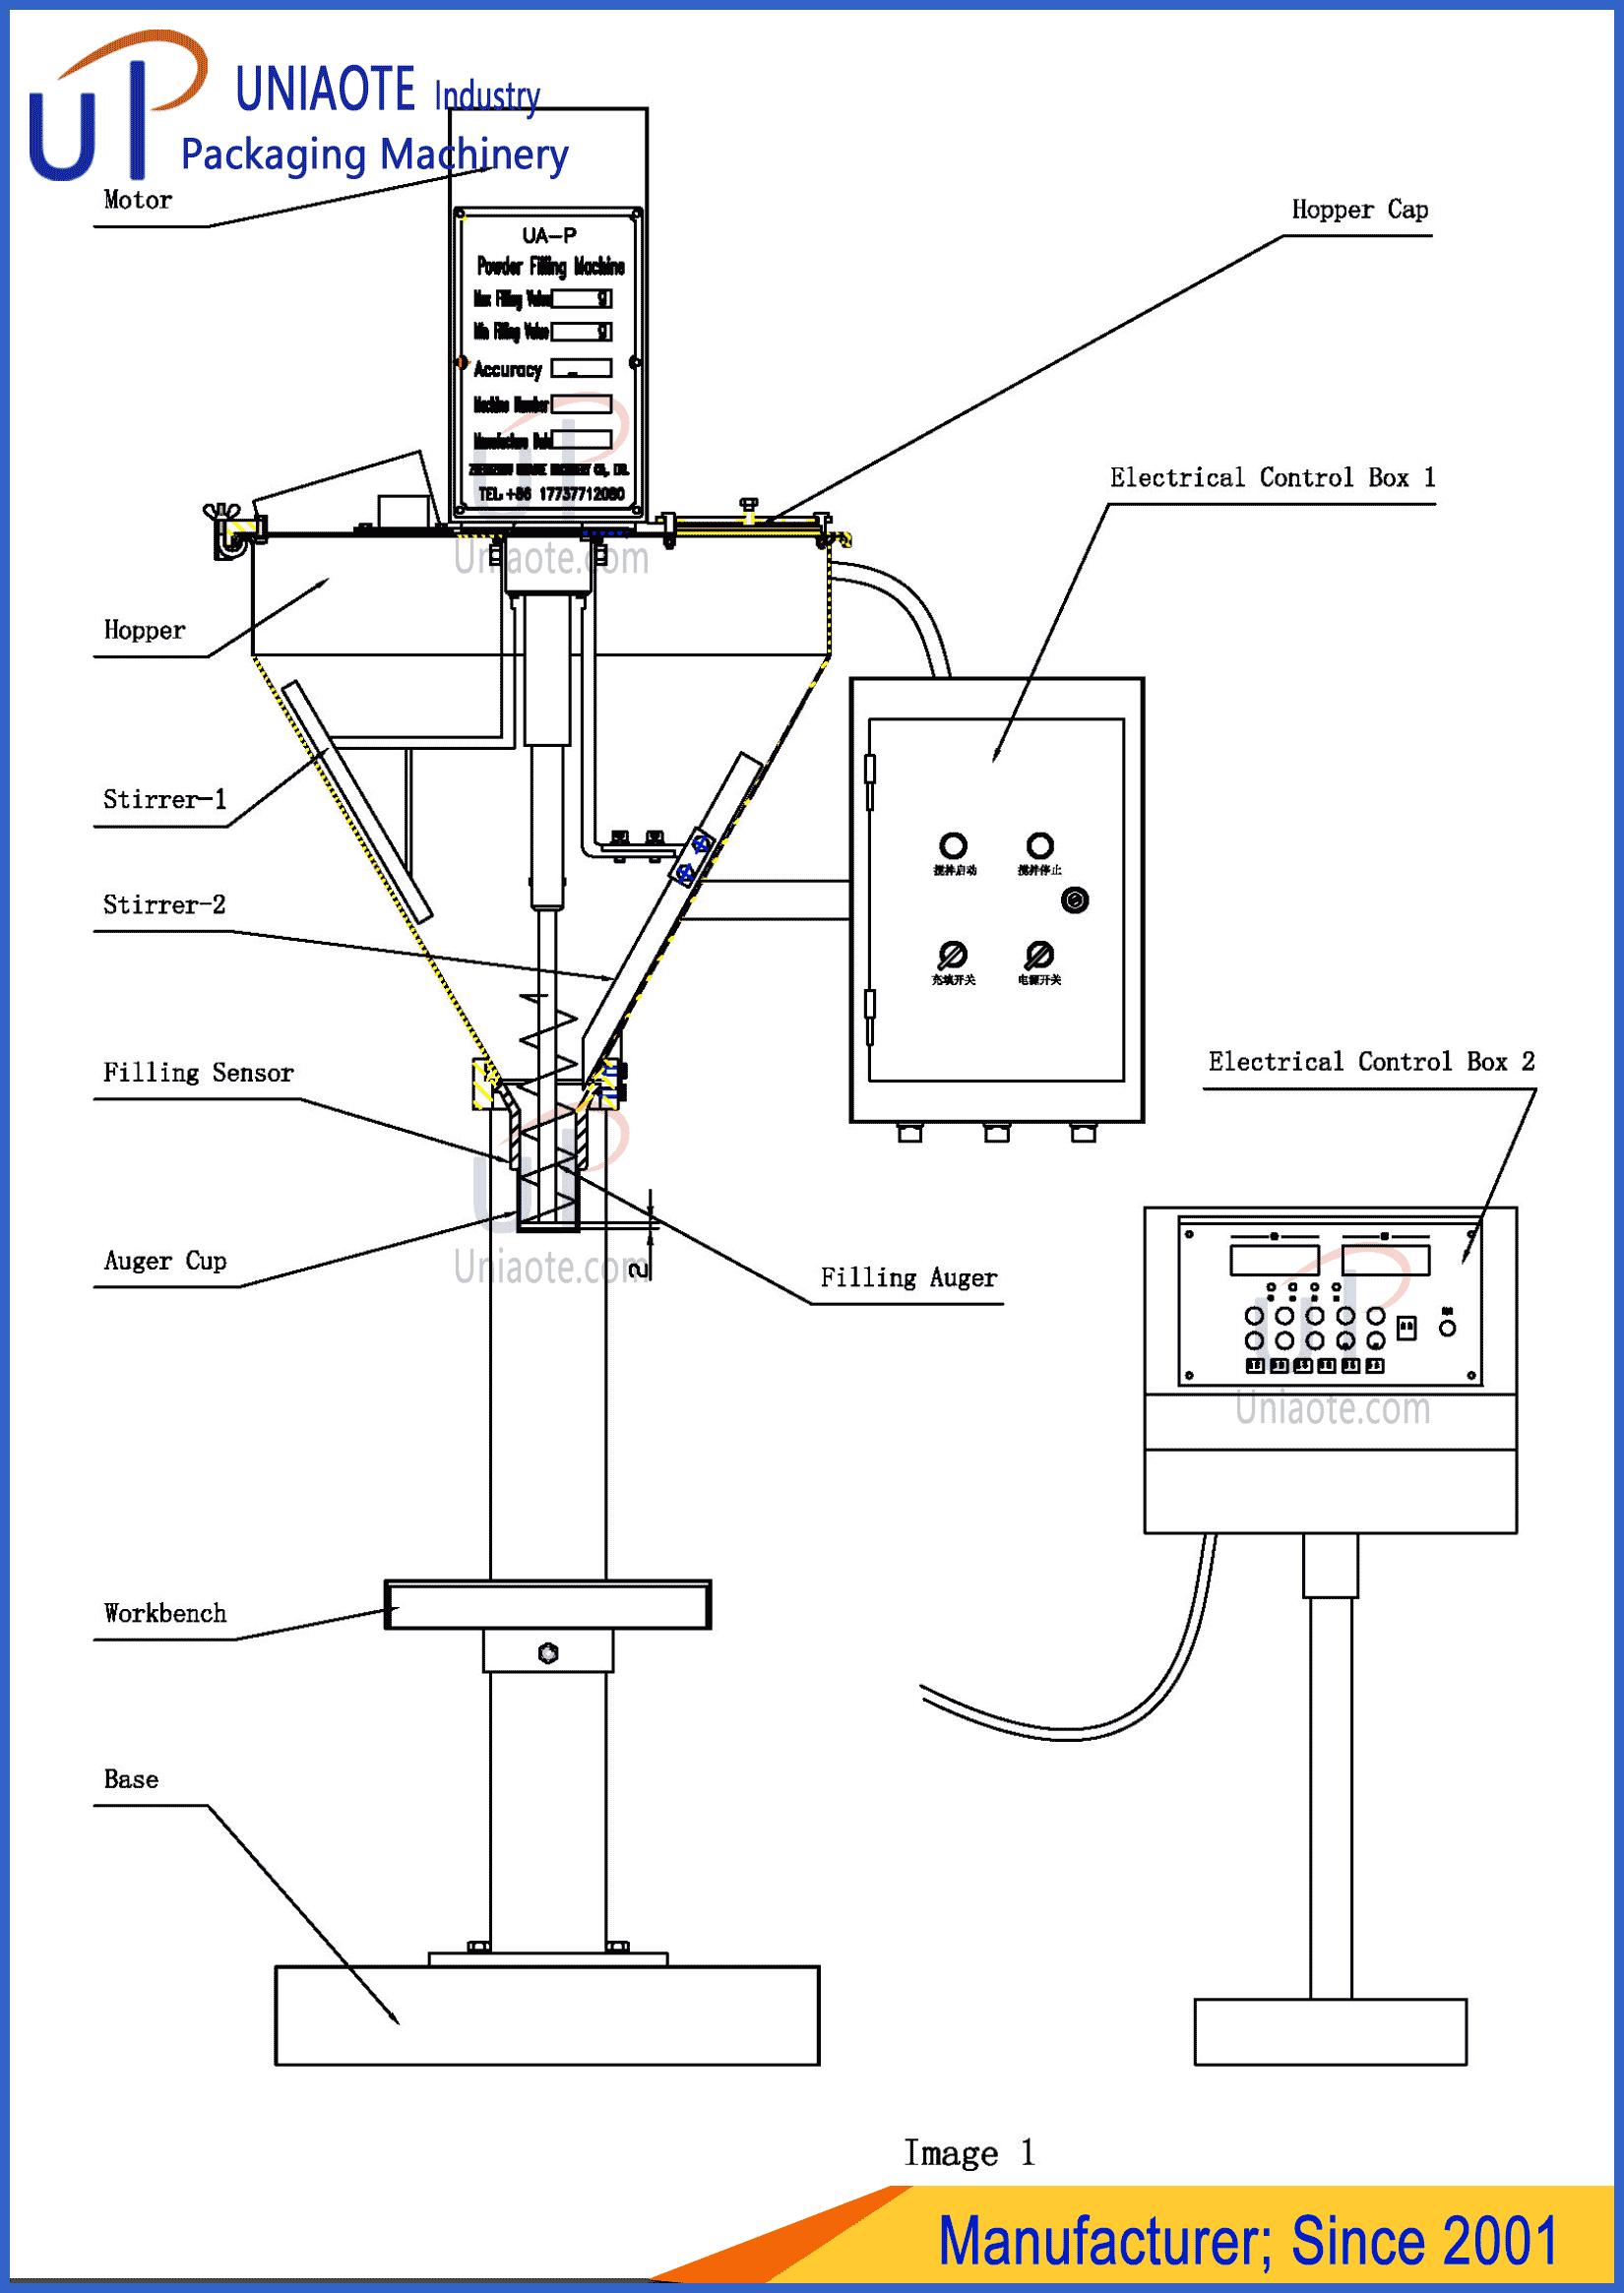 directv wireless genie wiring diagram culligan water softener parts schematic www toyskids co hopper machine design 2